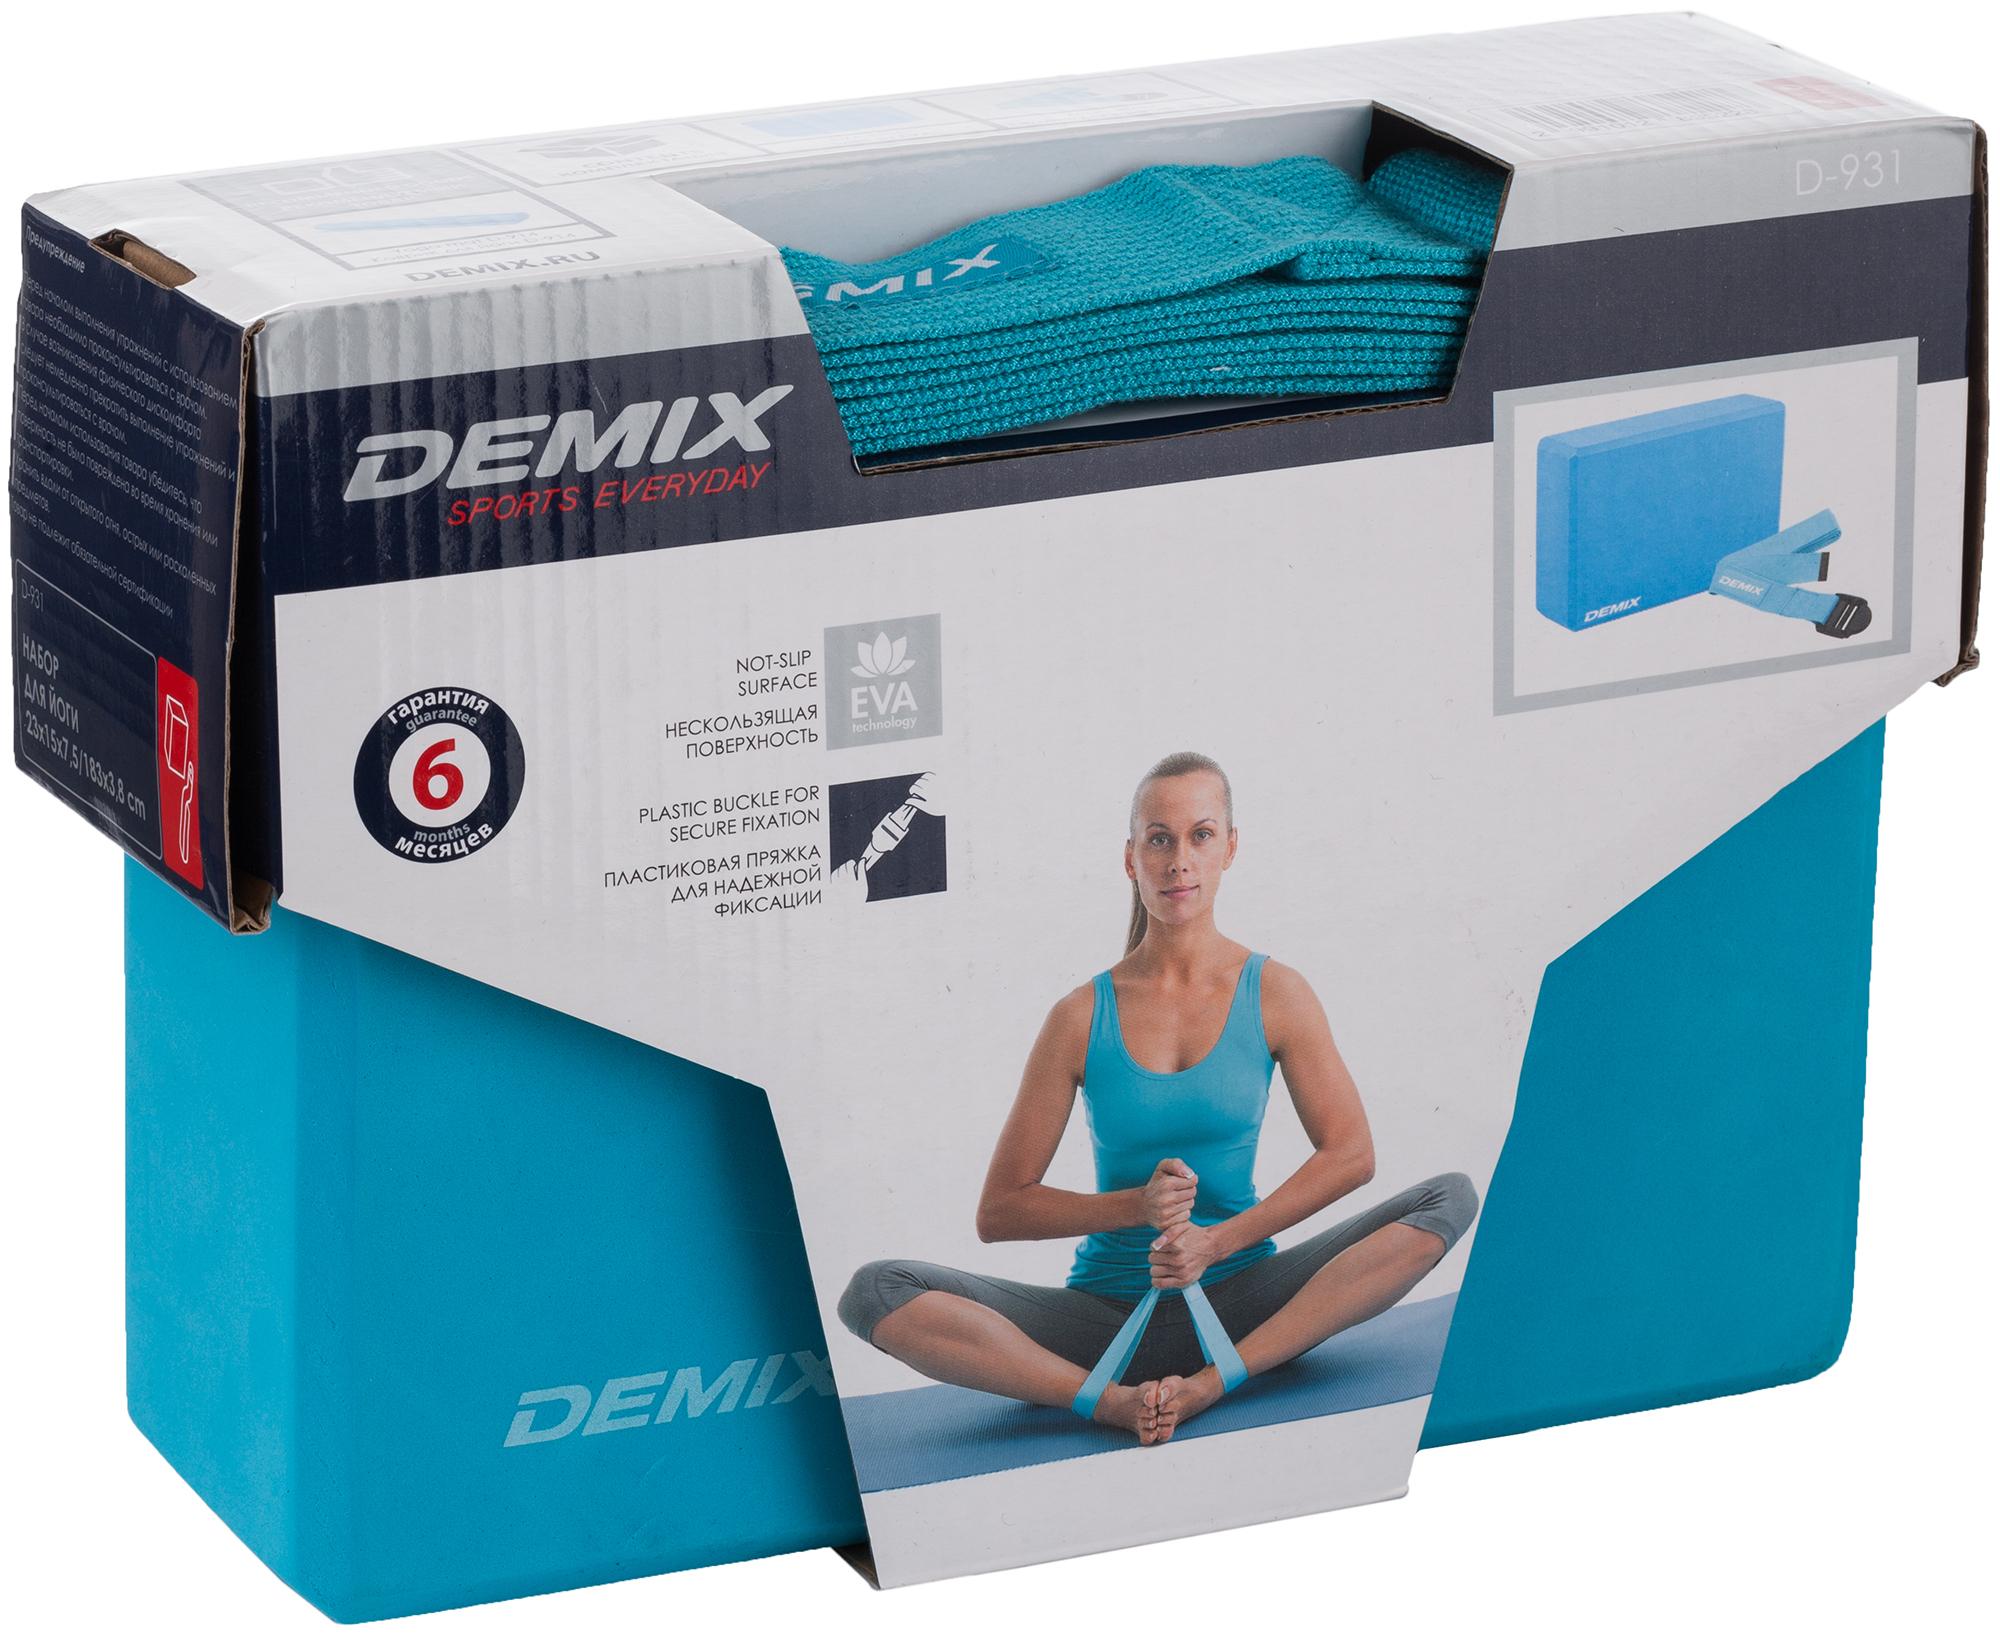 Demix Набор для йоги: блок и ремень Demix